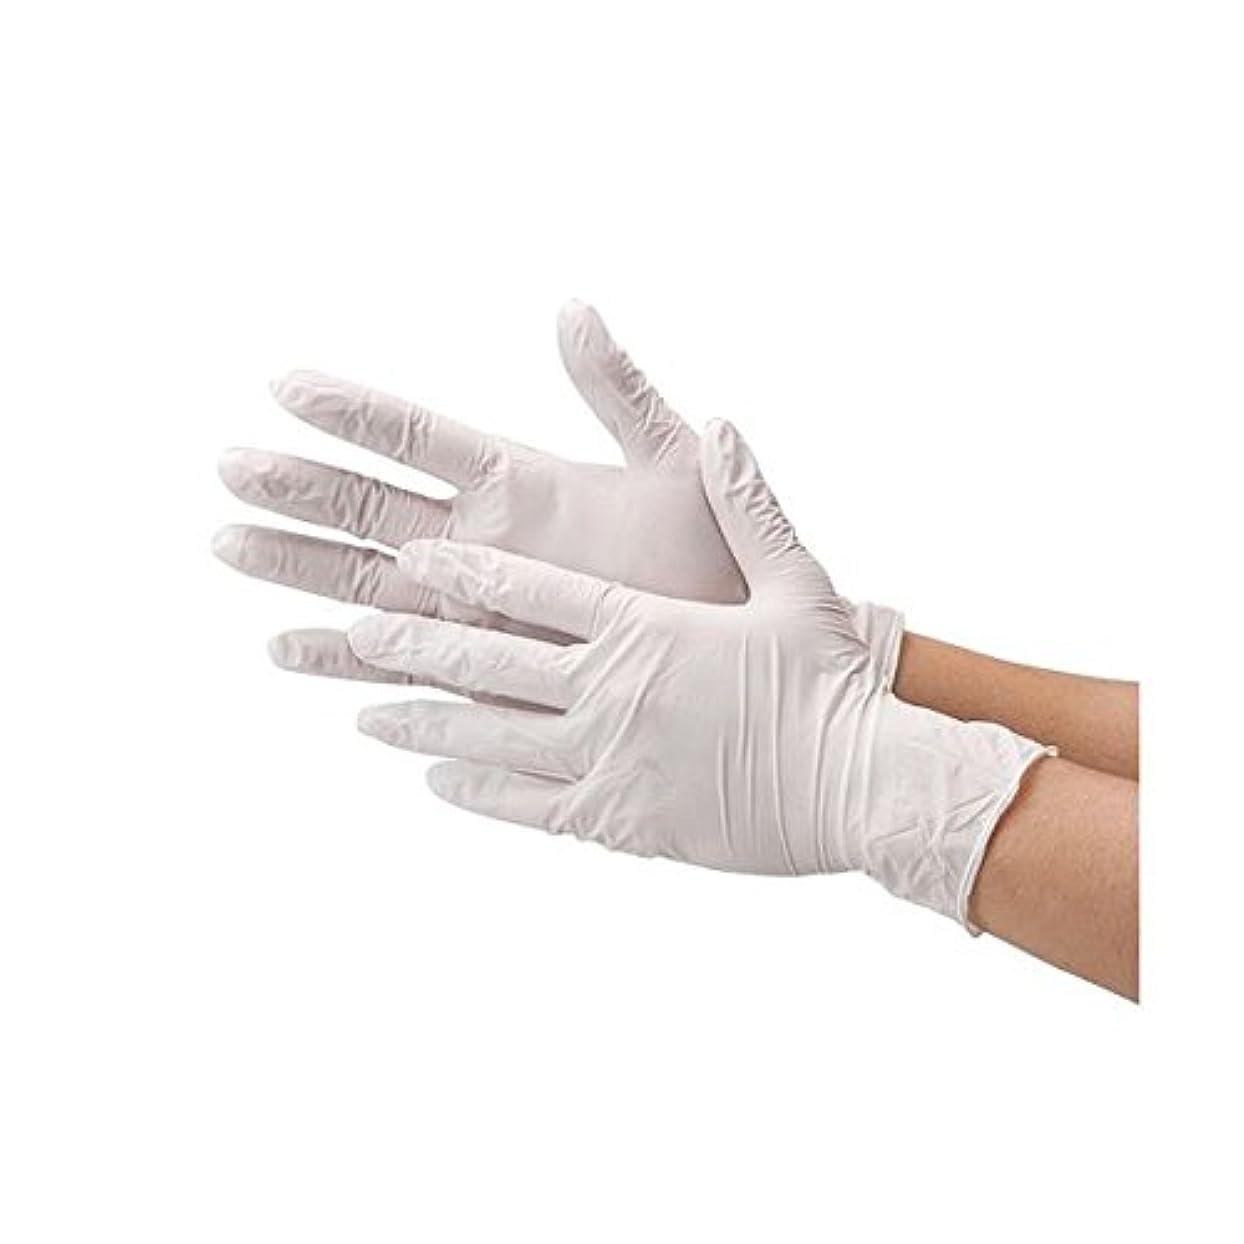 説教する不毛の調停する川西工業 ニトリル極薄手袋 粉なしホワイトM ds-1915810